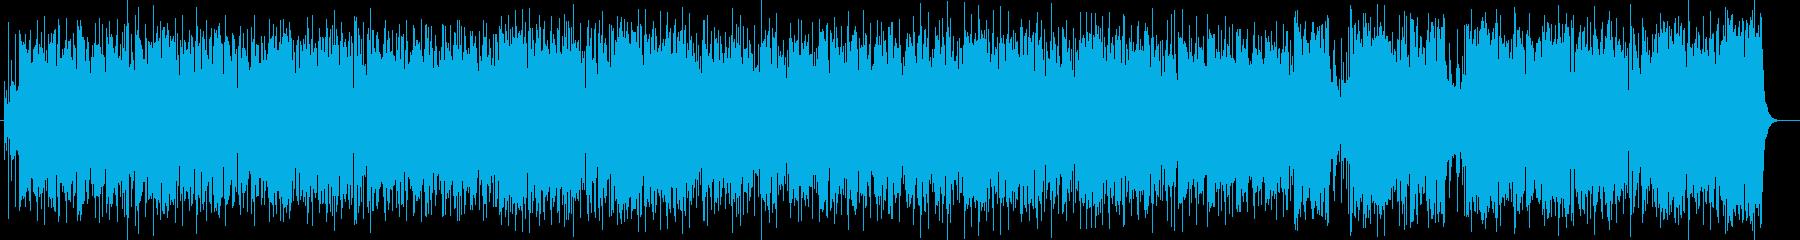 軽快なリズムとシンセサイザーのポップスの再生済みの波形